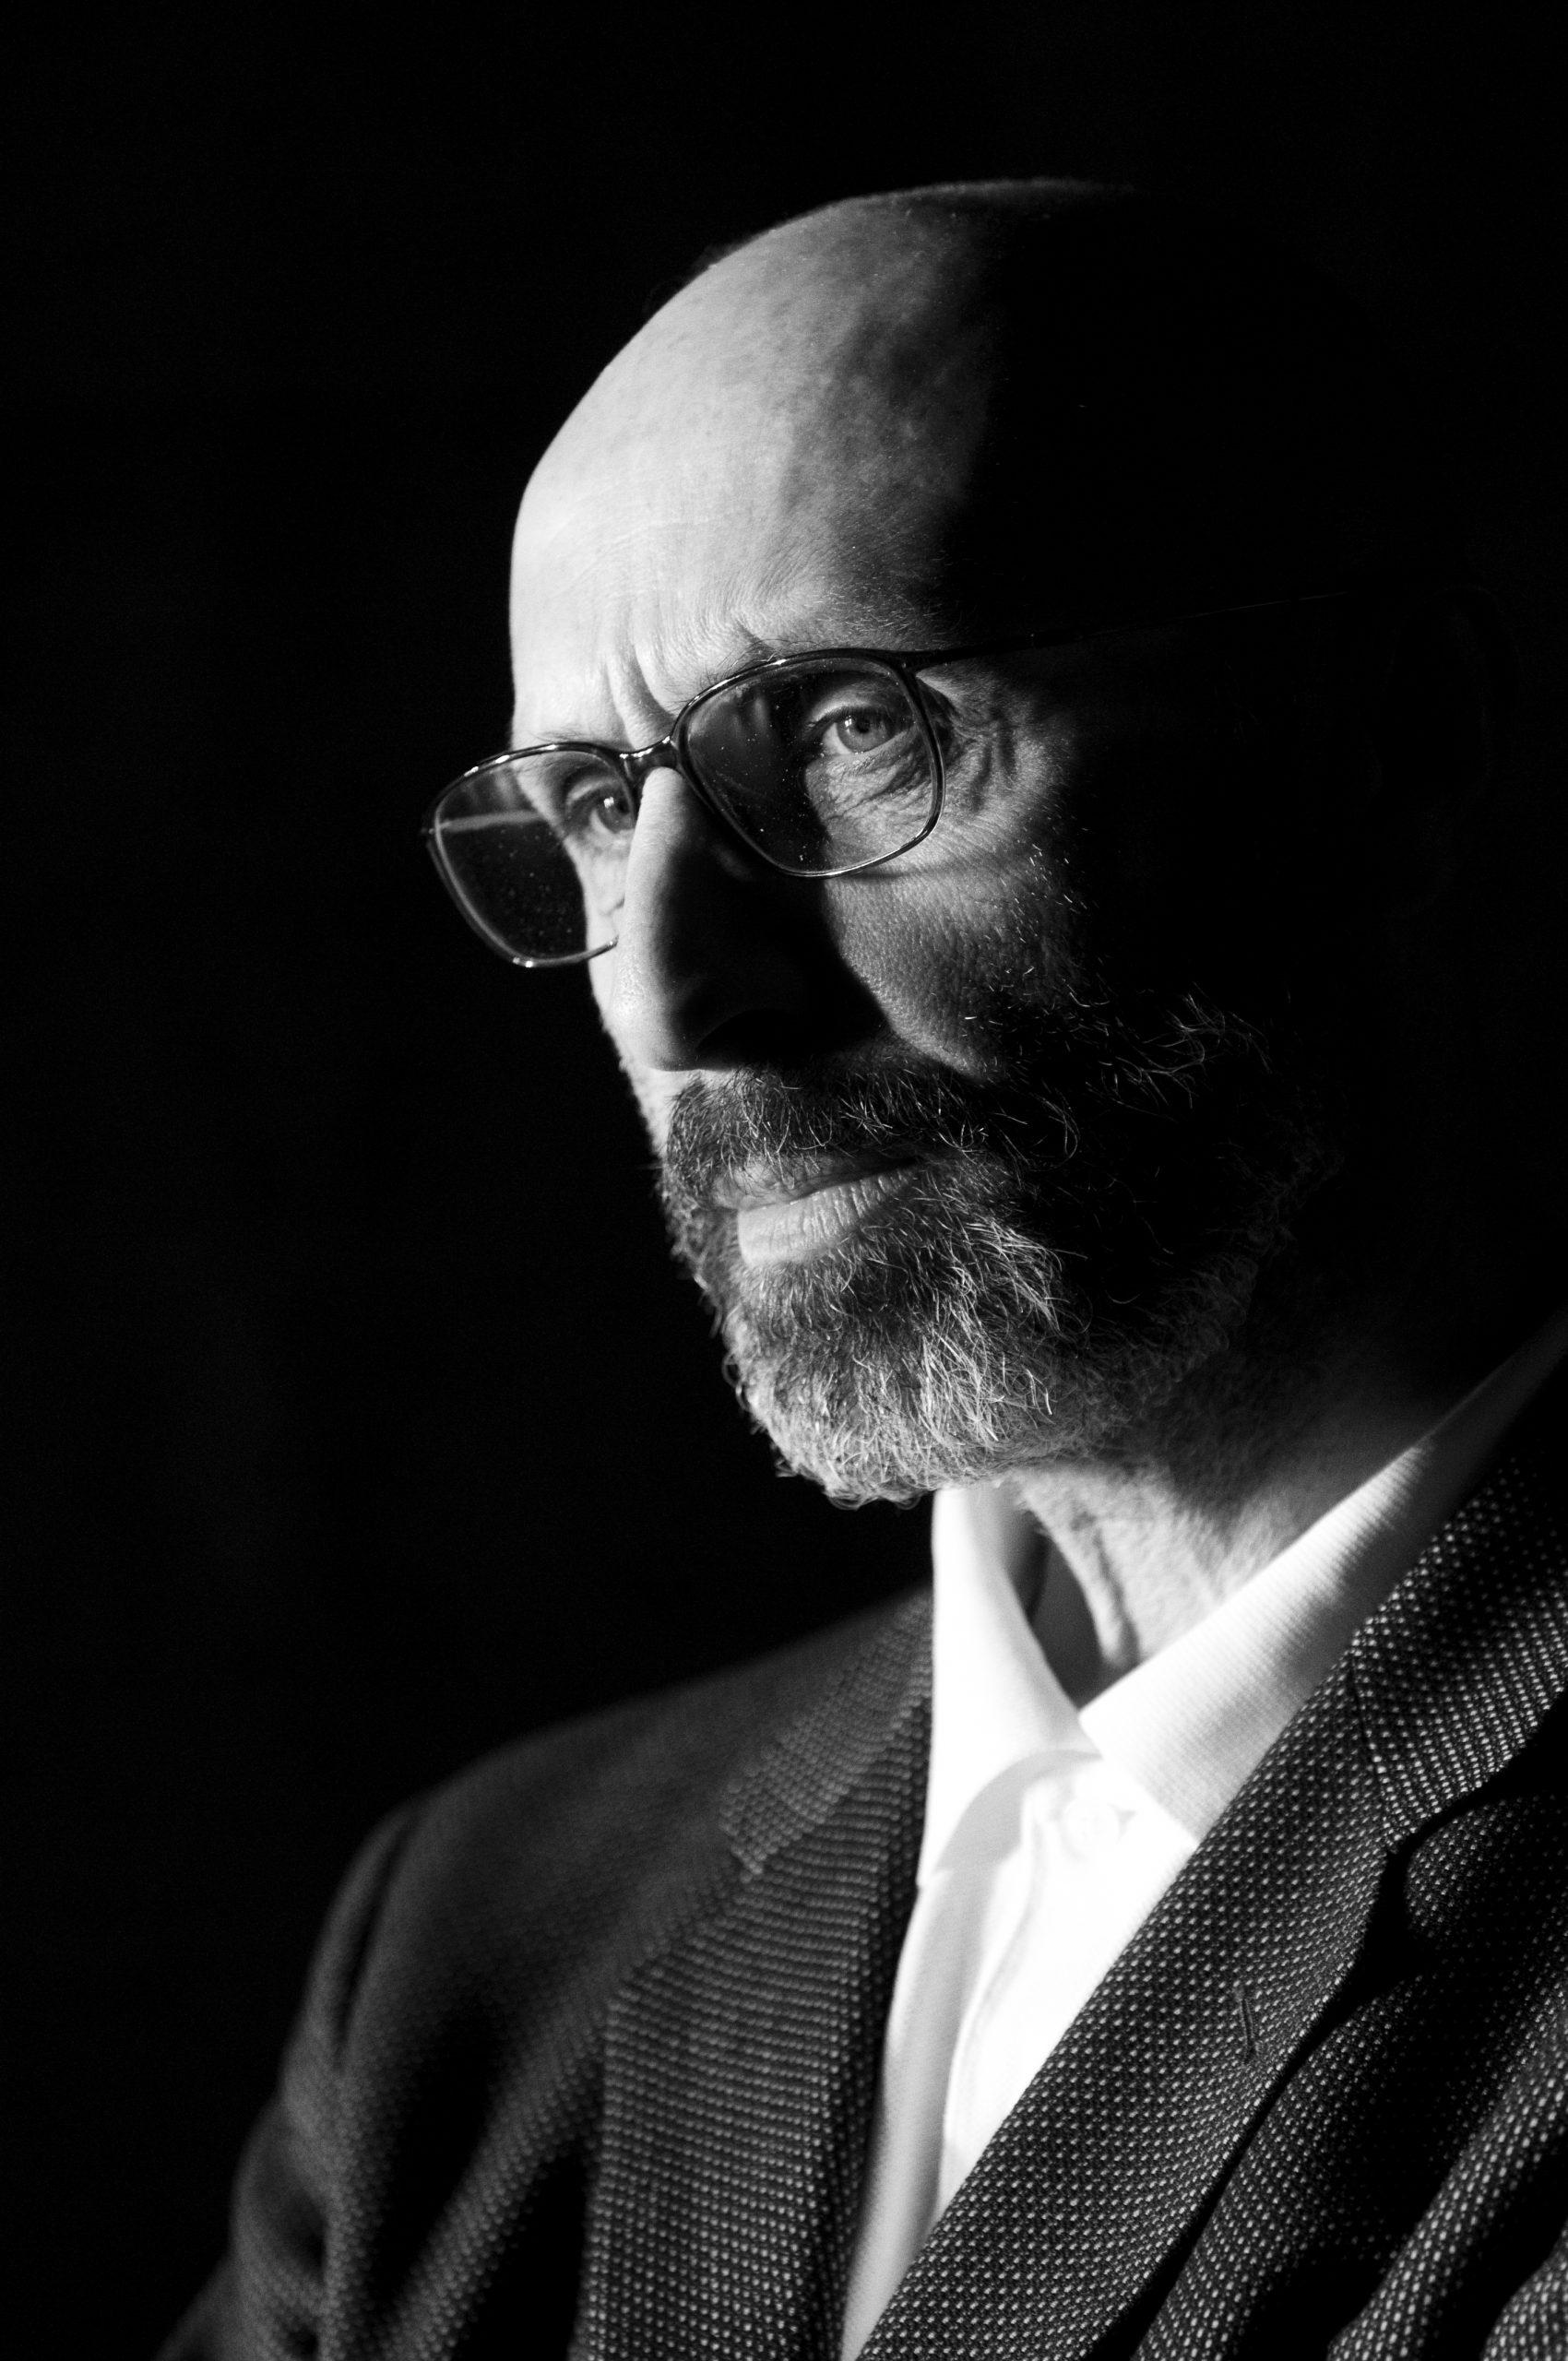 Wolfgang Oberender war der stellvertretende Direktor vom Bayerischen Staatsballett